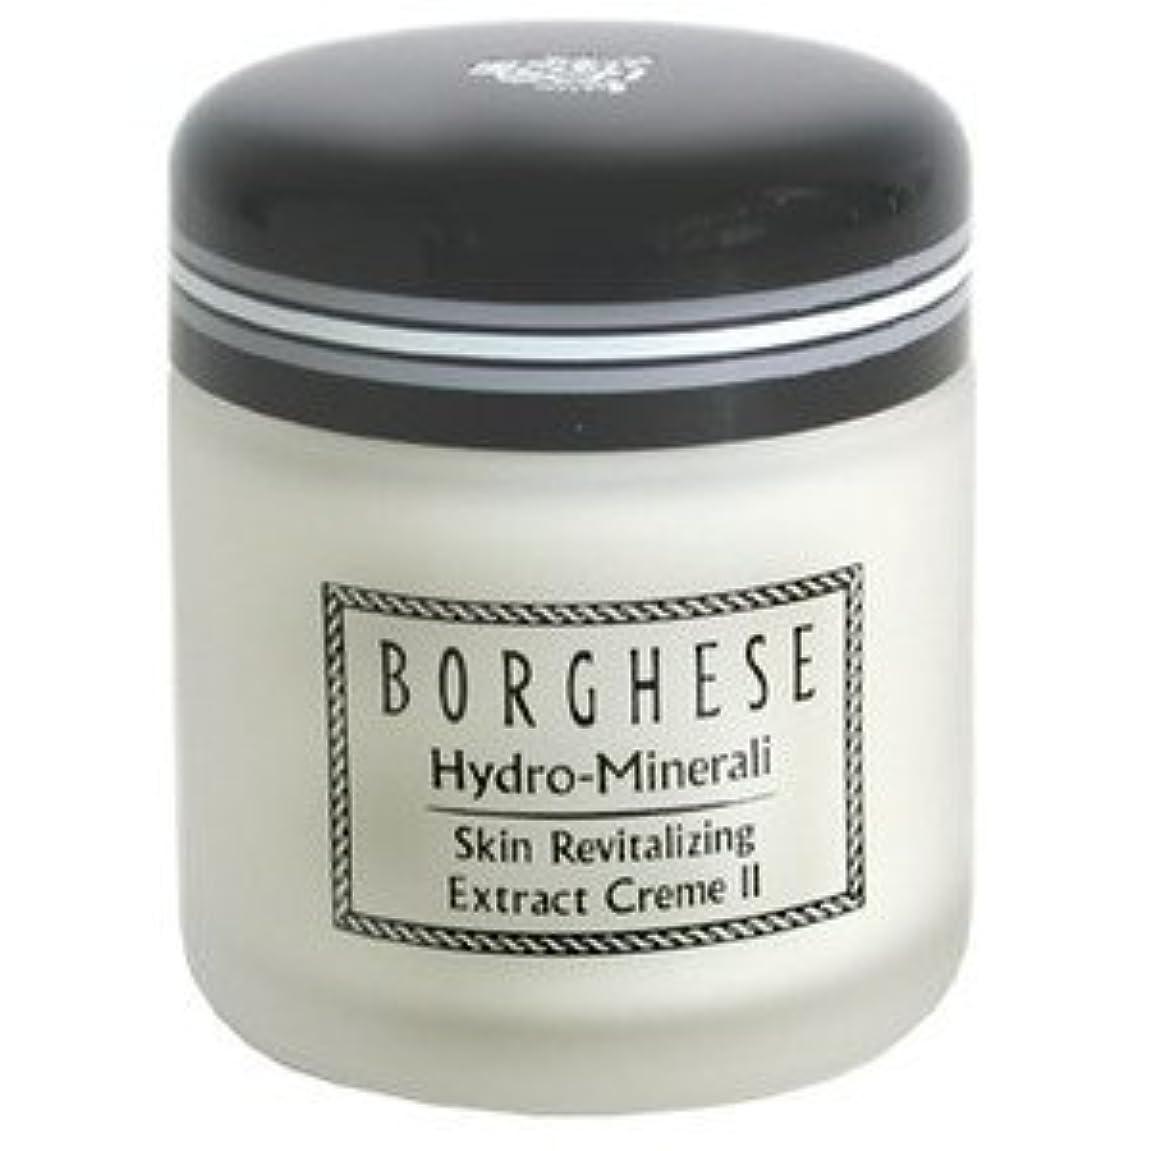 ボルゲーゼ[Borghese] ハイドロミネラーリ リバイタル エキストラクト クリーム 56g/1.8oz [並行輸入品]